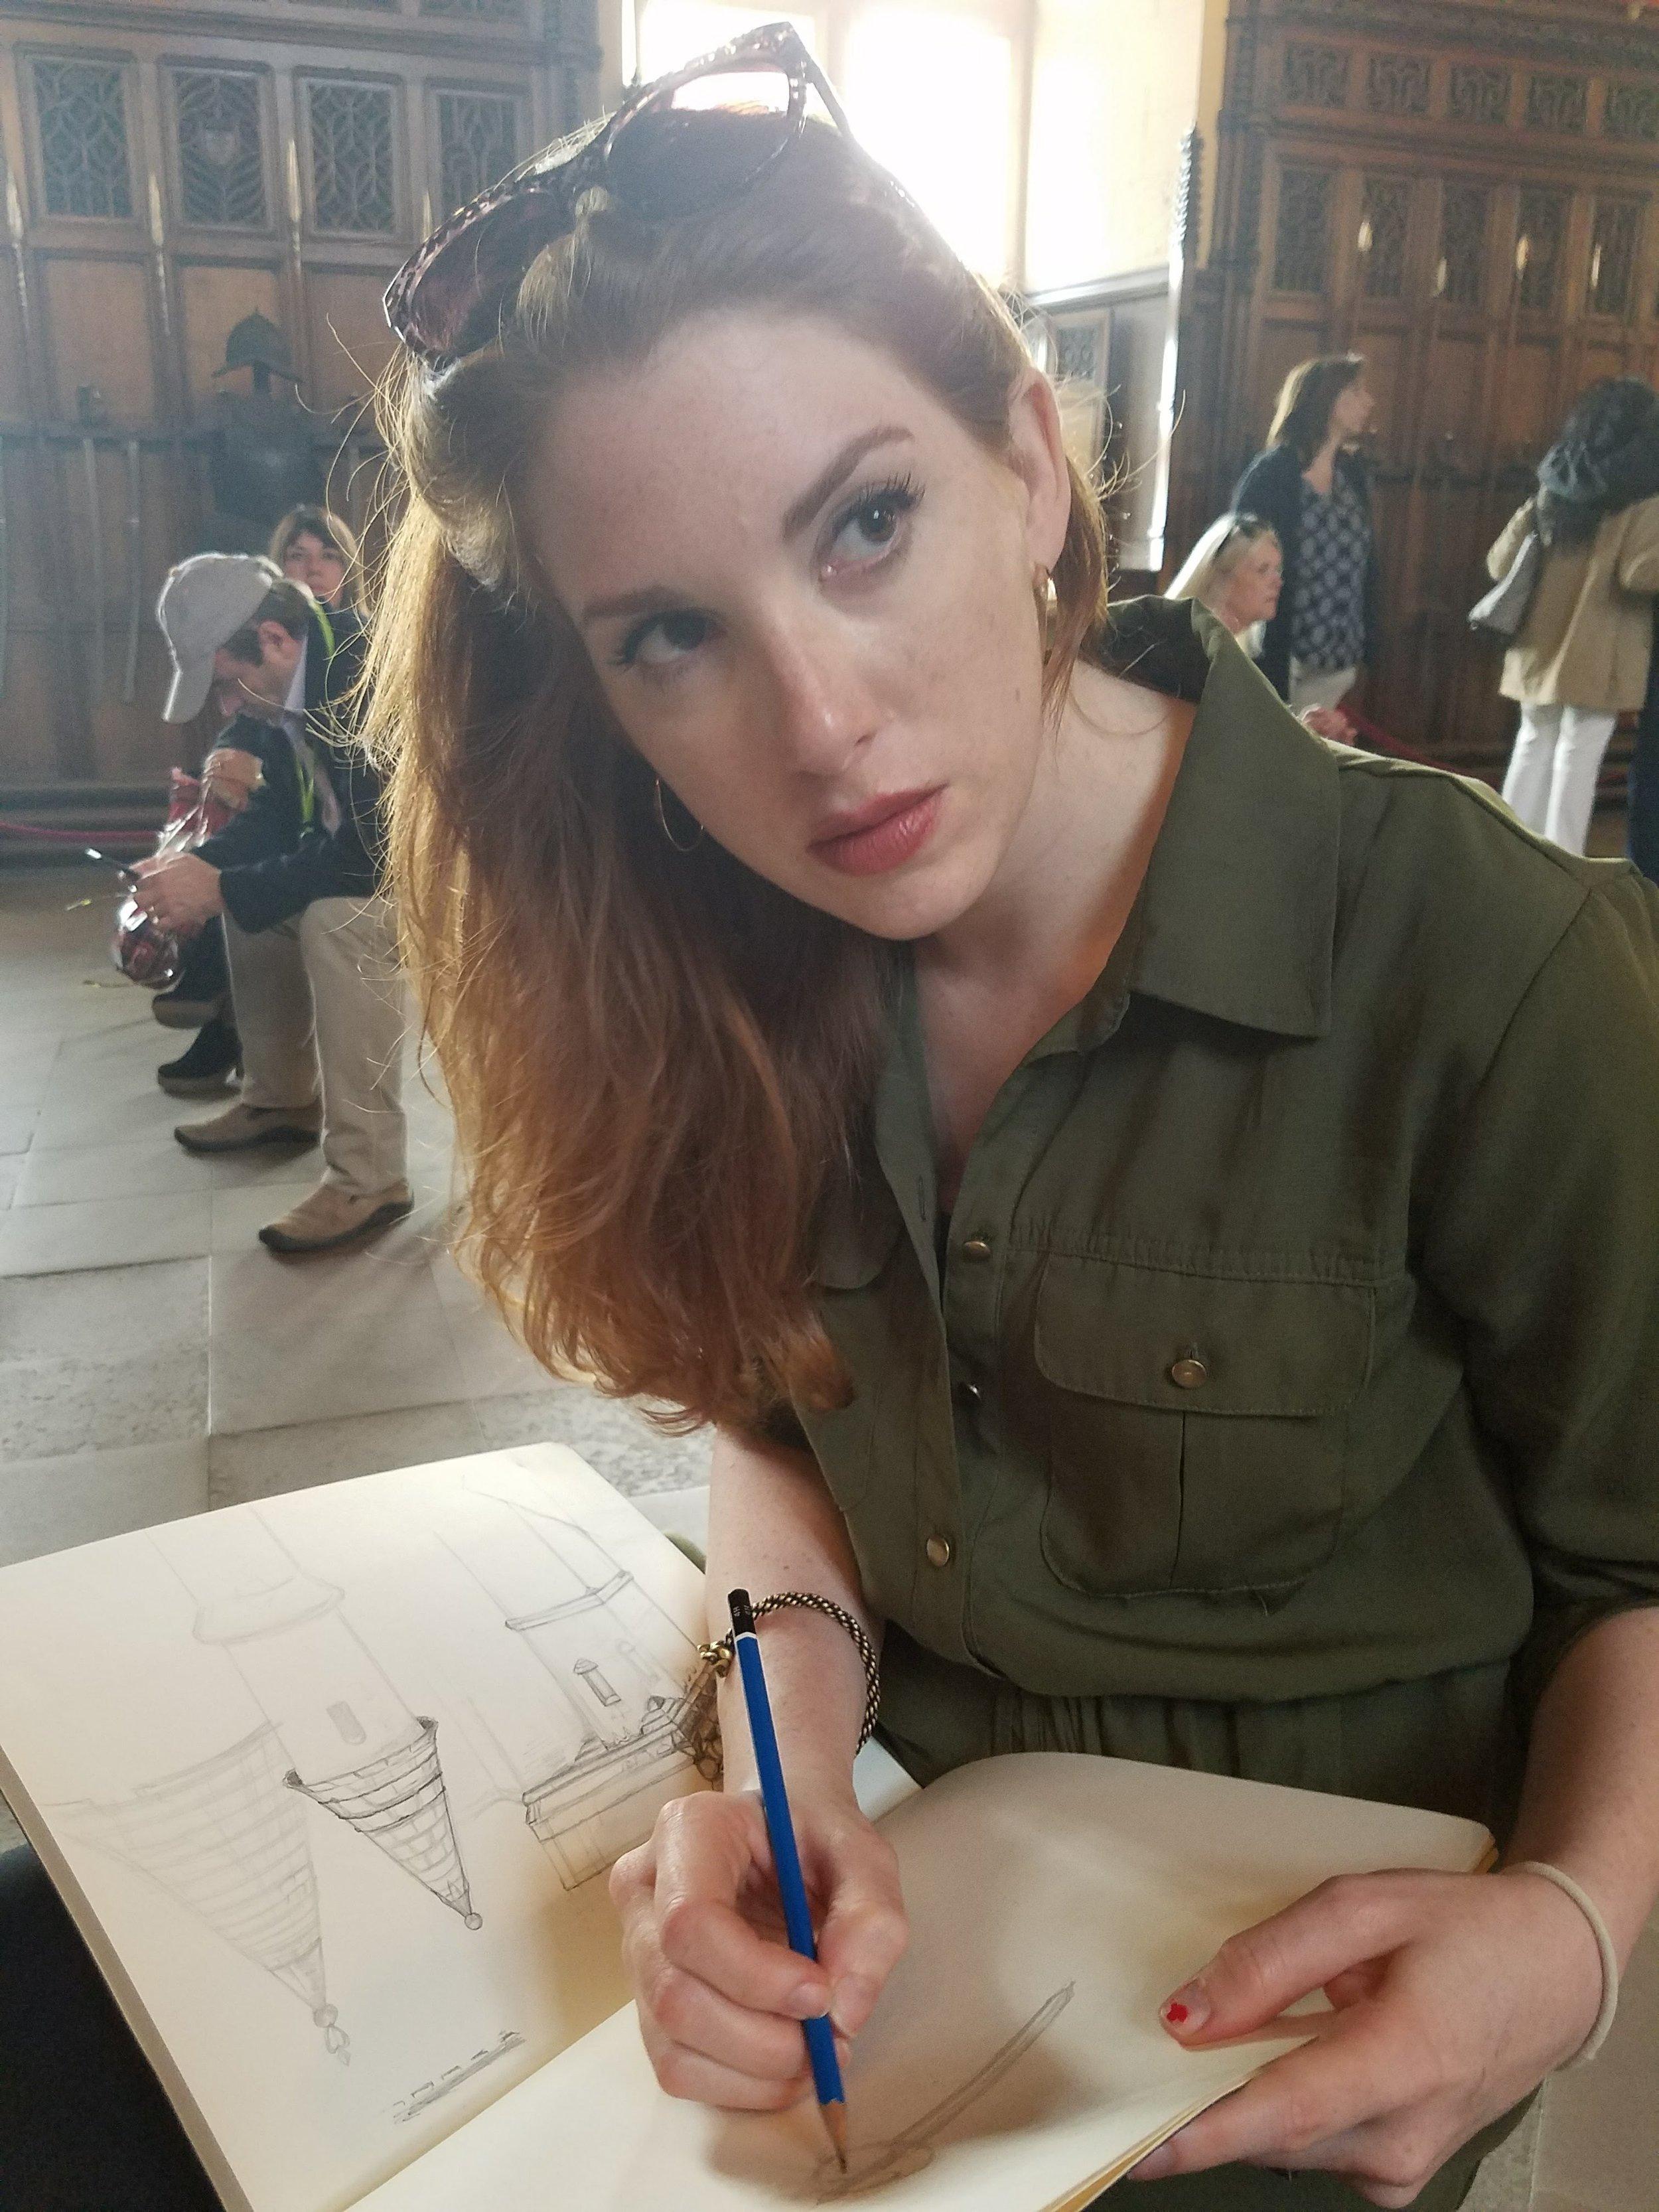 ~Sketching in Edinburgh Castle~